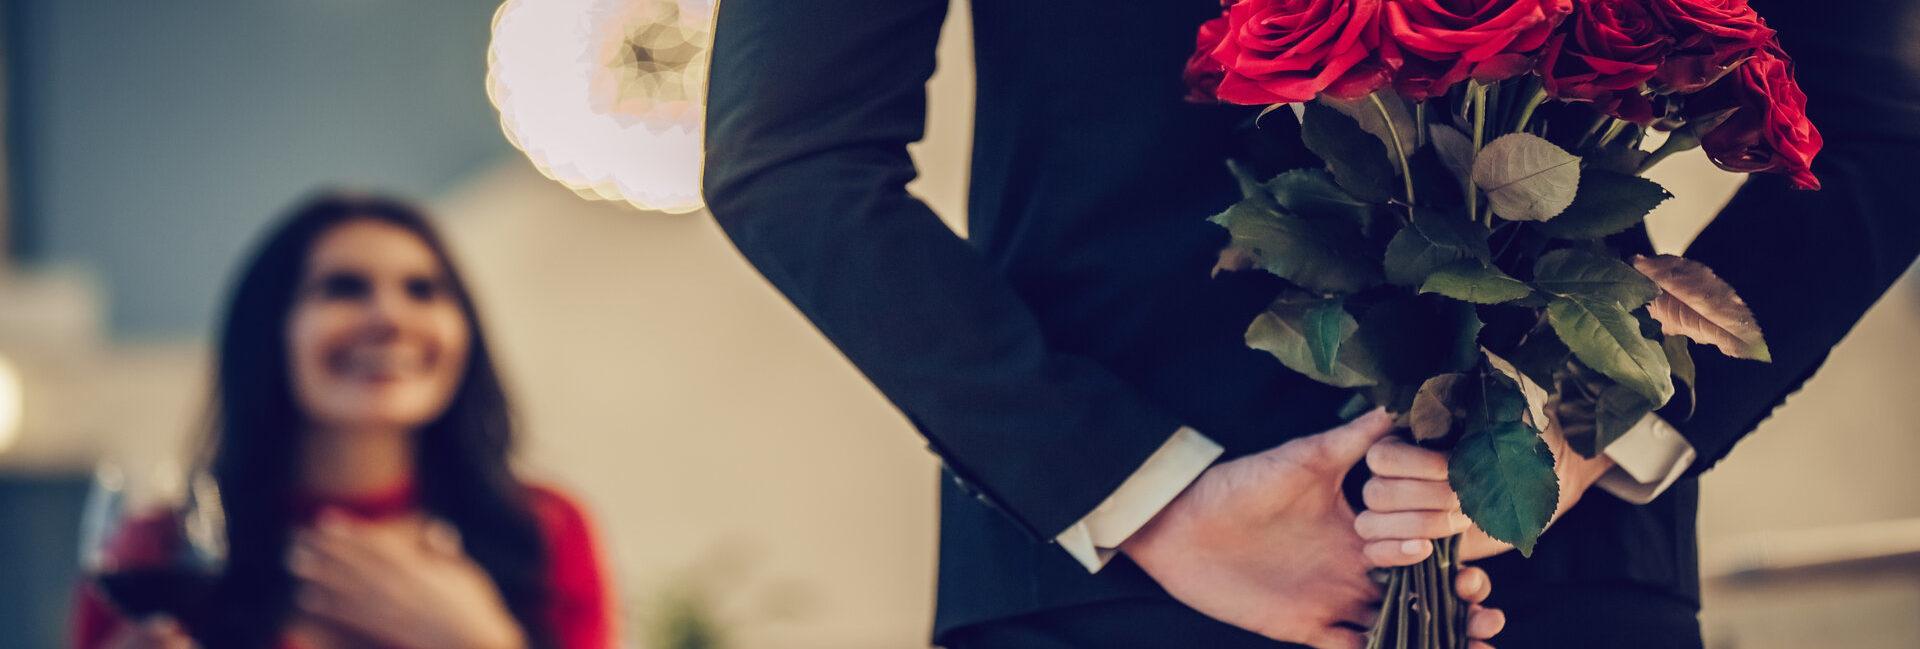 Quelle tenue porter lors d'un rendez-vous amoureux ?